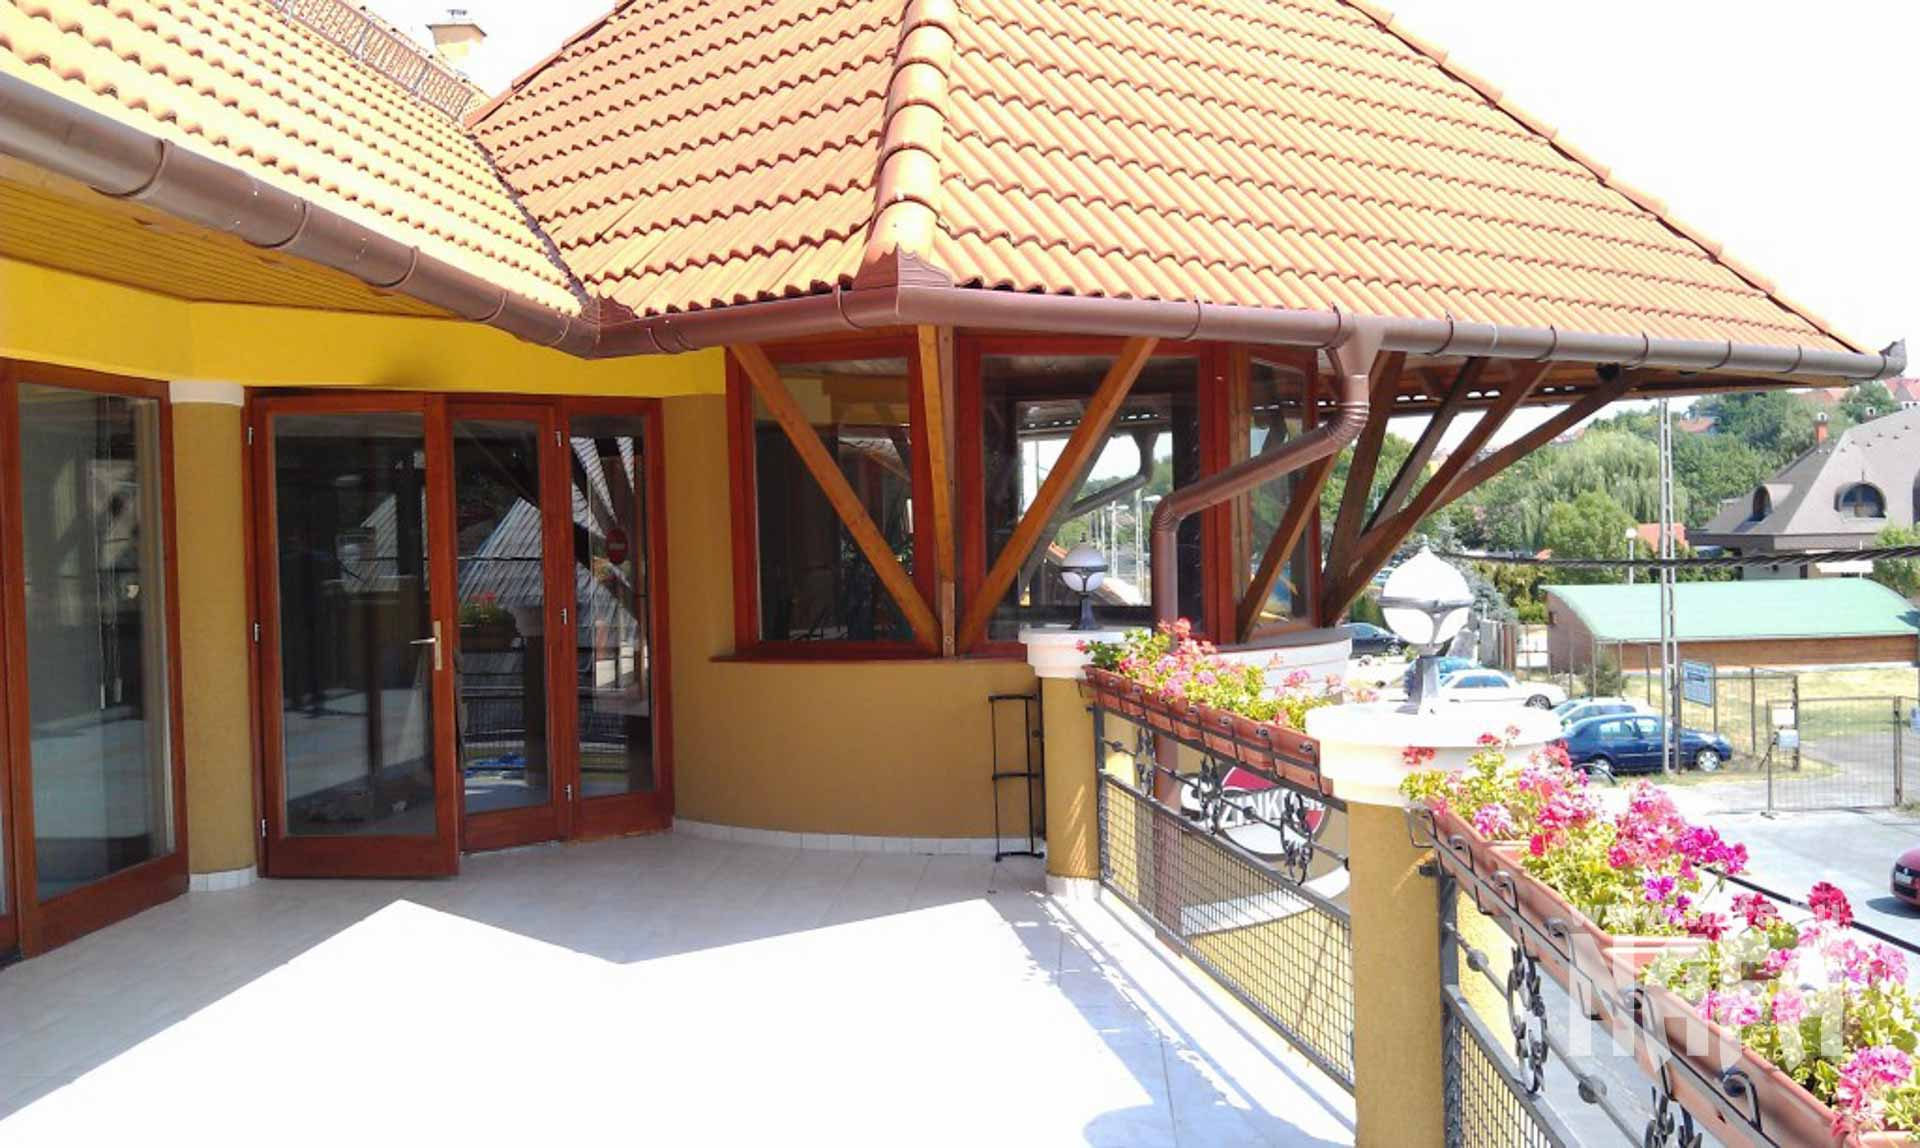 Fa nyílászárók, egyedi festett ablakok és bejáratiajtó, Kaposvár Irodaház